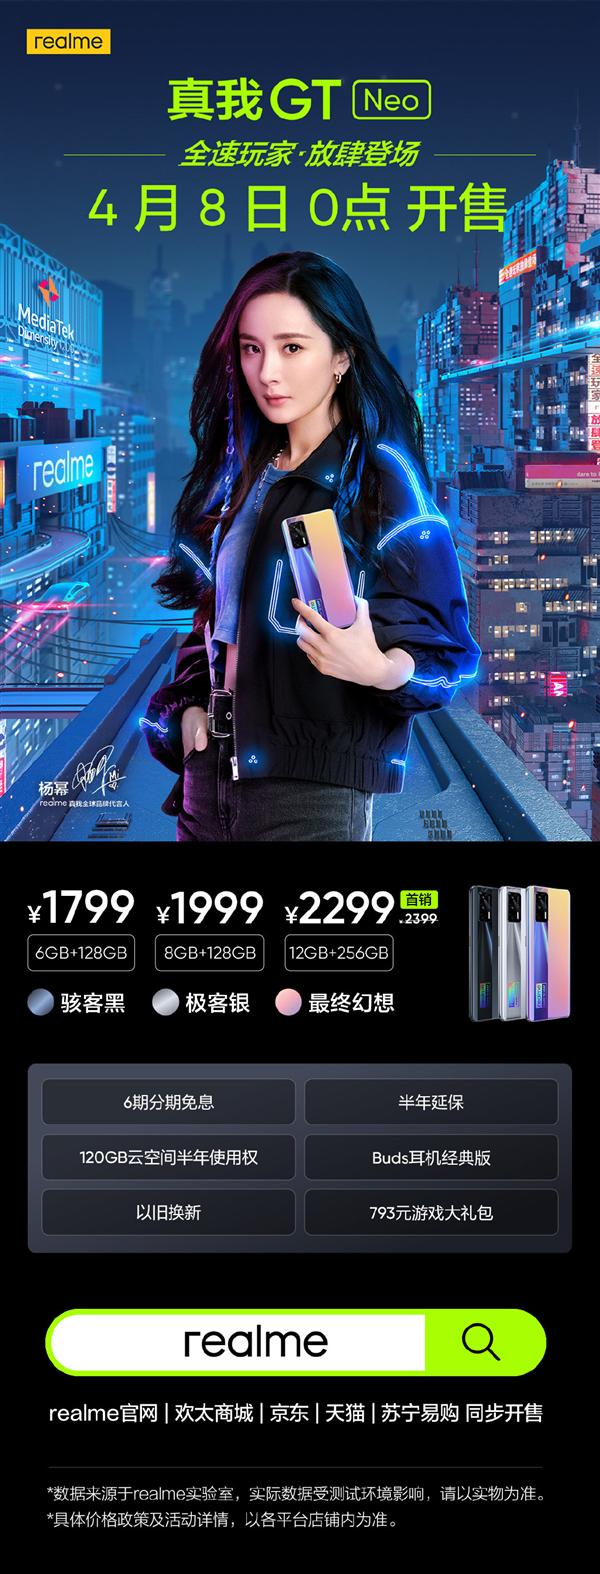 对标K40!realme GT Neo首销:顶配版2299元